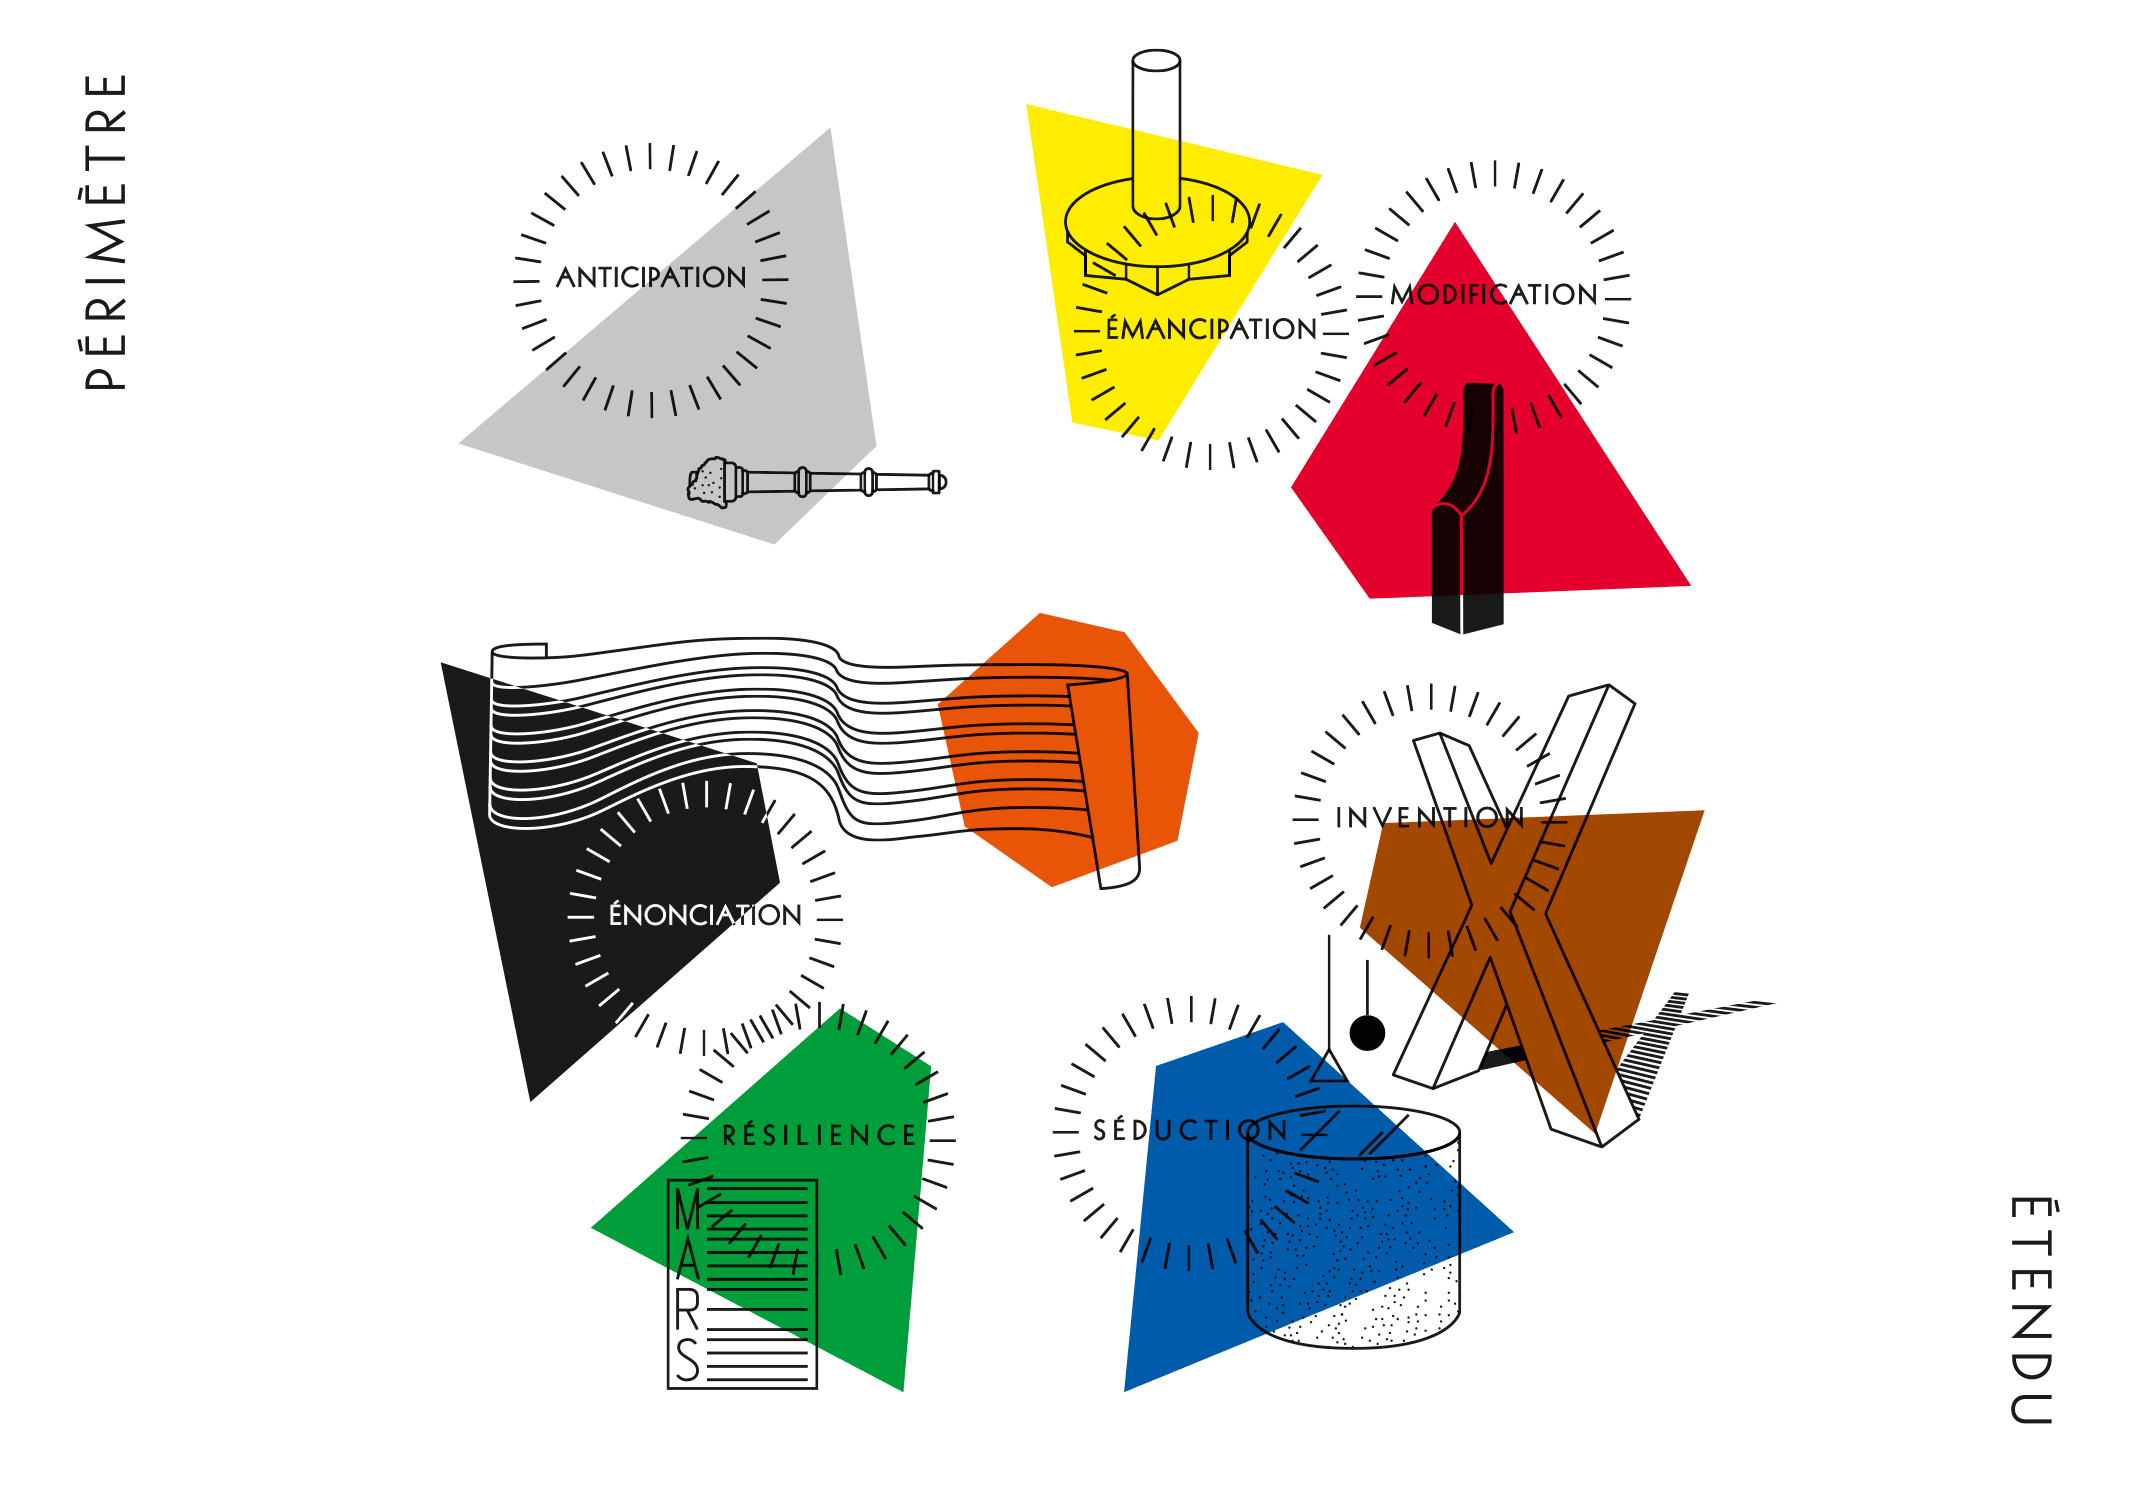 Visuel pour l'exposition qui a conclu le cycle «Périmètre étendu»: une exposition d'œuvres de Delphine Coindet à la galerie Art&Essai de l'université de Rennes.